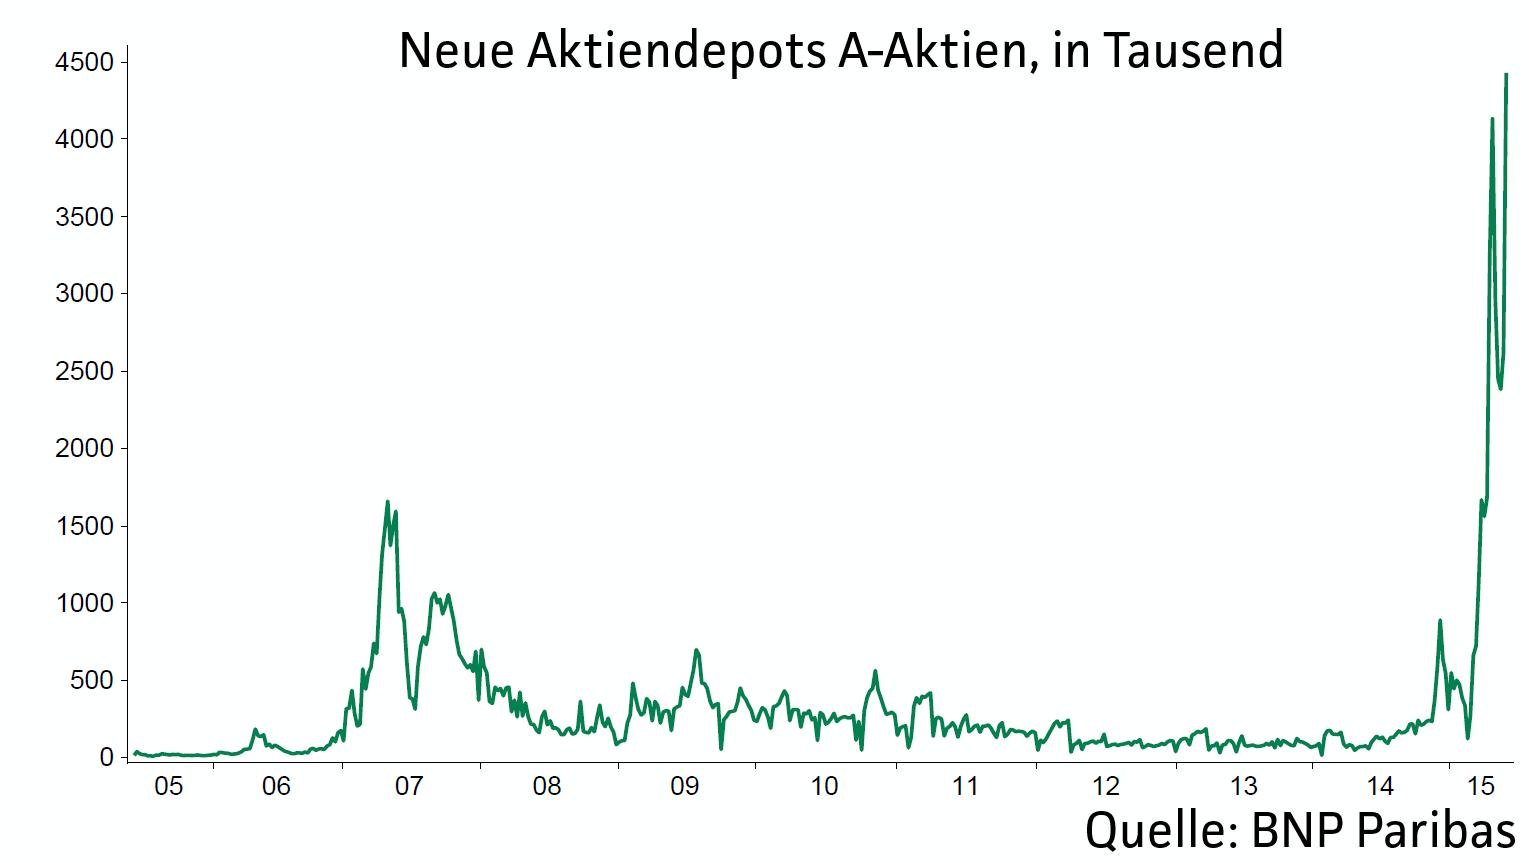 BNP-warnt-vor-Crash-an-Chinas-Börsen-Chartanalyse-Jochen-Stanzl-GodmodeTrader.de-1